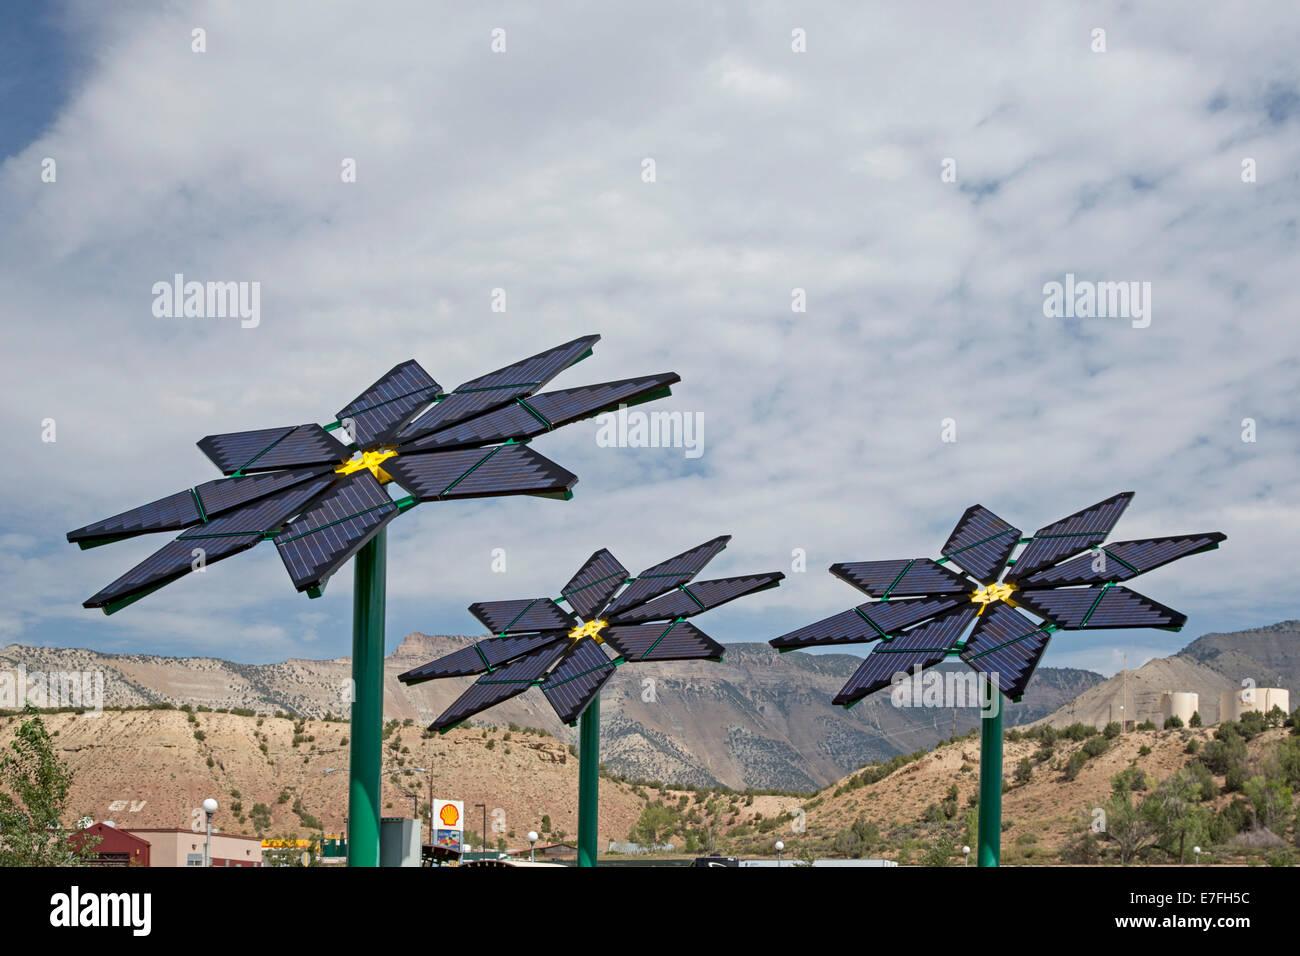 Parachute, Colorado - panneaux solaires faites pour ressembler à des fleurs en l'électricité Photo Stock